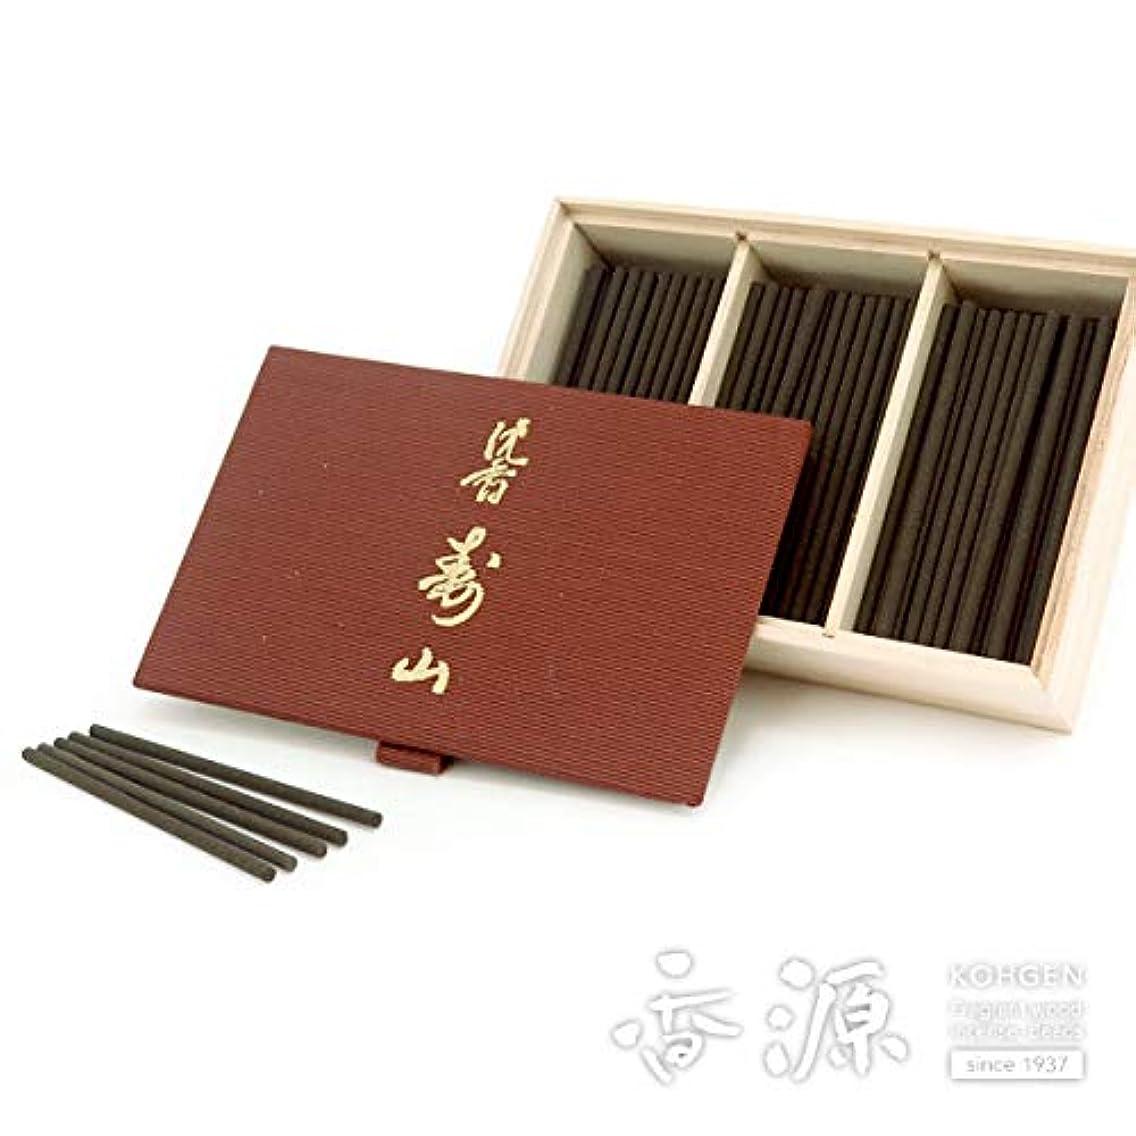 南西手当どきどき日本香堂のお香 沈香寿山 スティックミニ寸 お徳用150本入